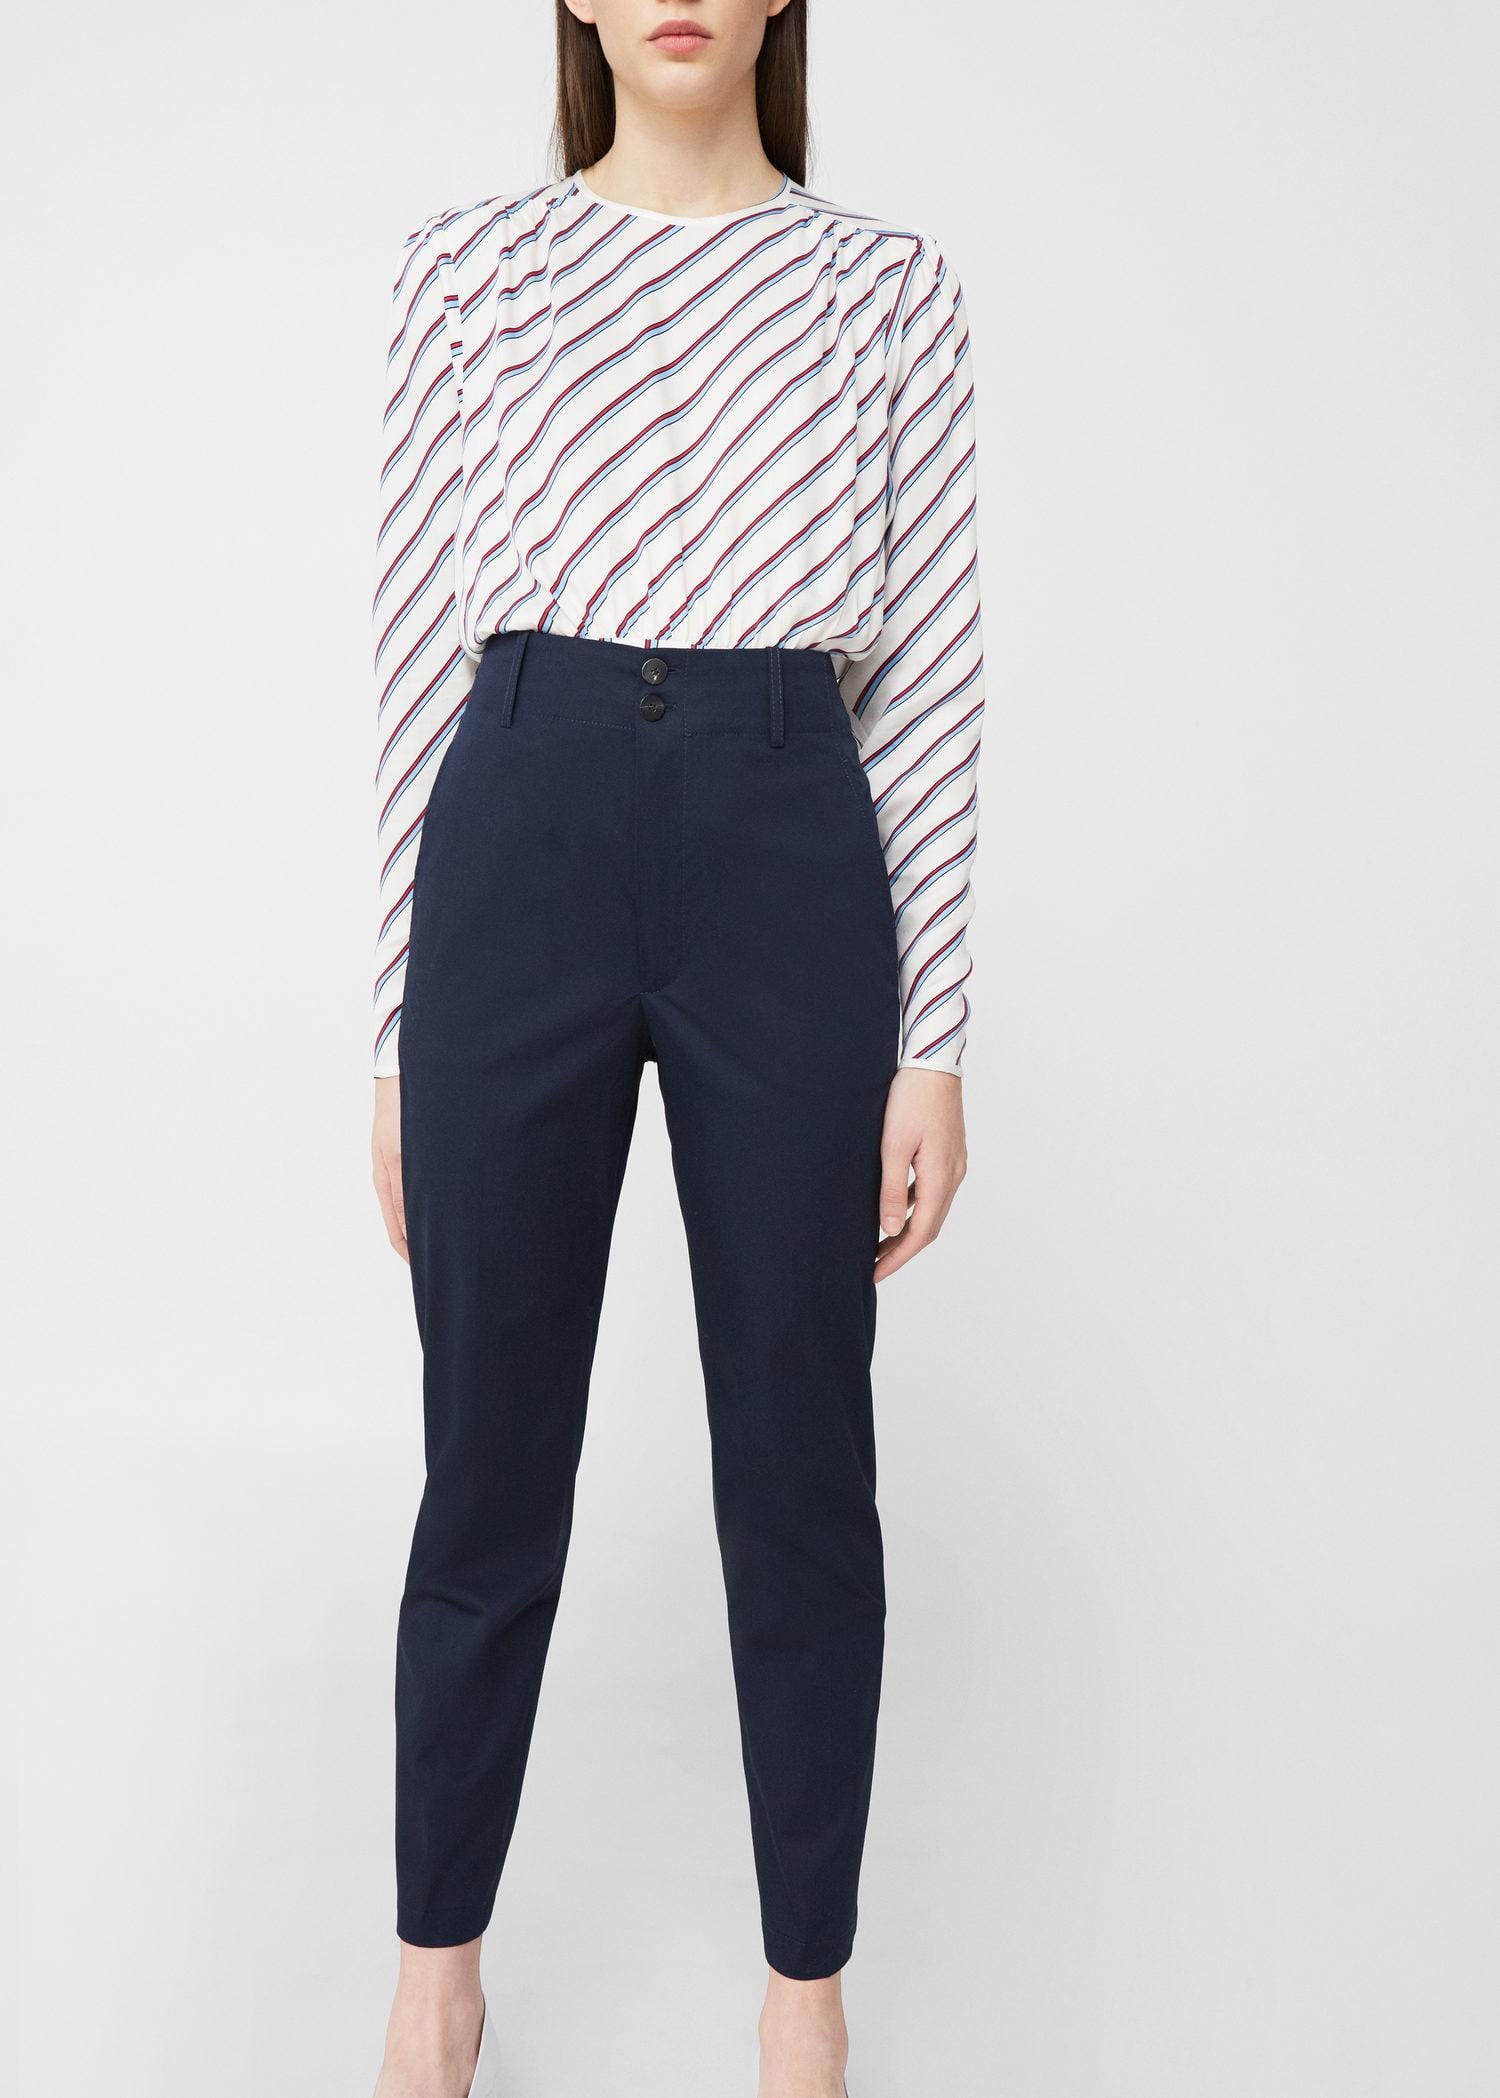 Синие узкие брюки